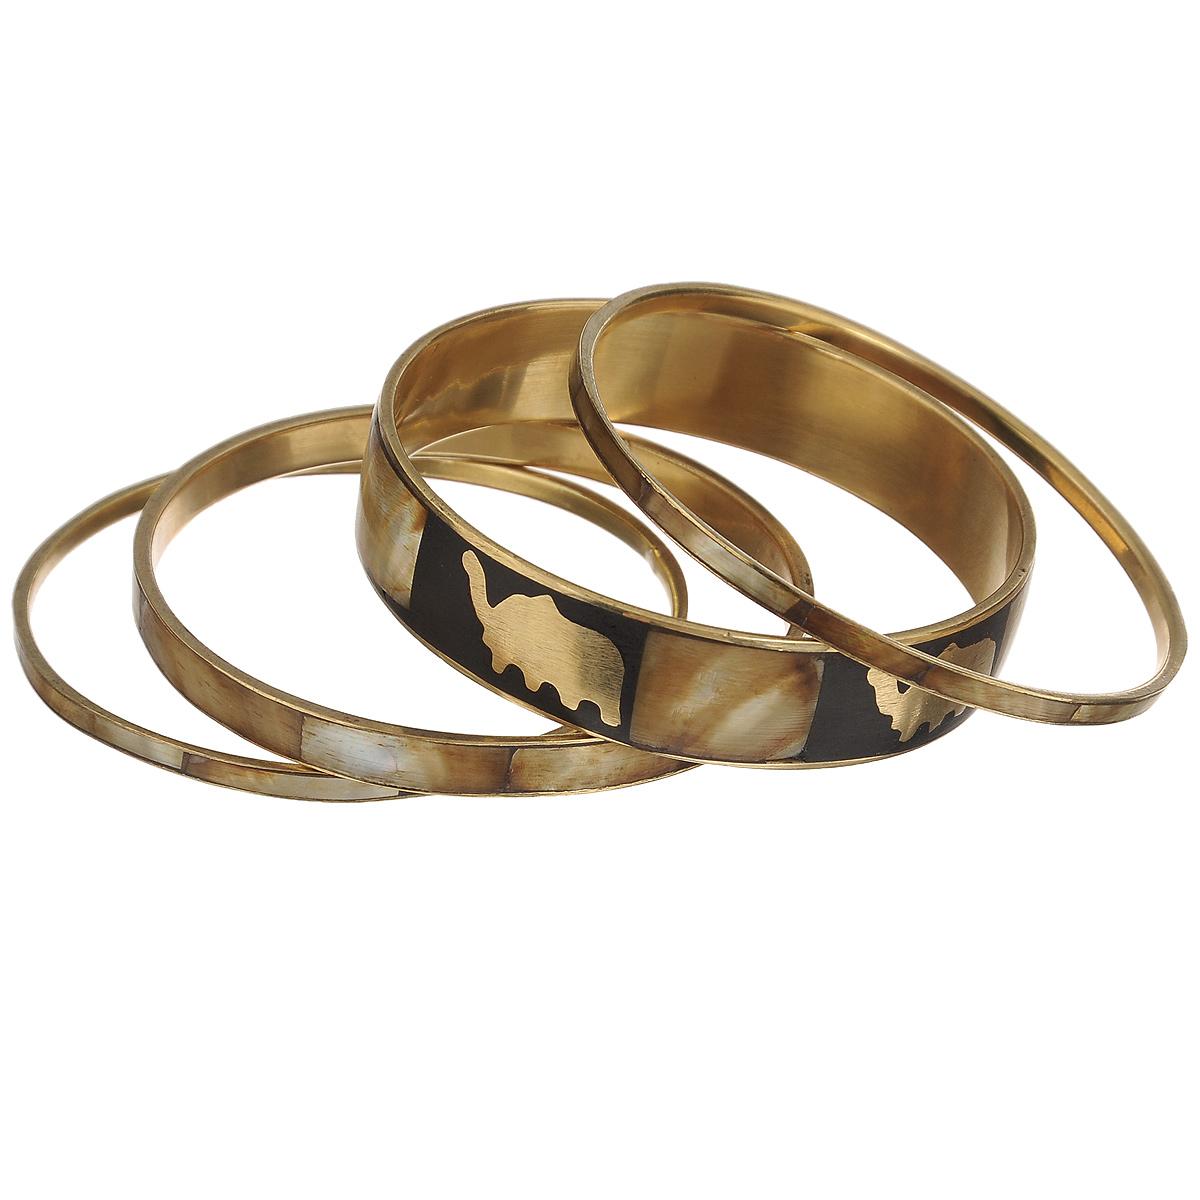 Набор браслетов Ethnica, цвет: коричнево-зеленый, черный, золотой, 4 шт. 100045100045Стильный набор браслетов Ethnica выполнен из золотистого металла и оформлен вставками из ракушек, некоторые из которых дополнительно украшены оригинальным узором. В комплект входят четыре браслета различной ширины. С таким модным ярким аксессуаром вы сможете каждый день экспериментировать со своим образом, привнося в него новые краски и настроение.